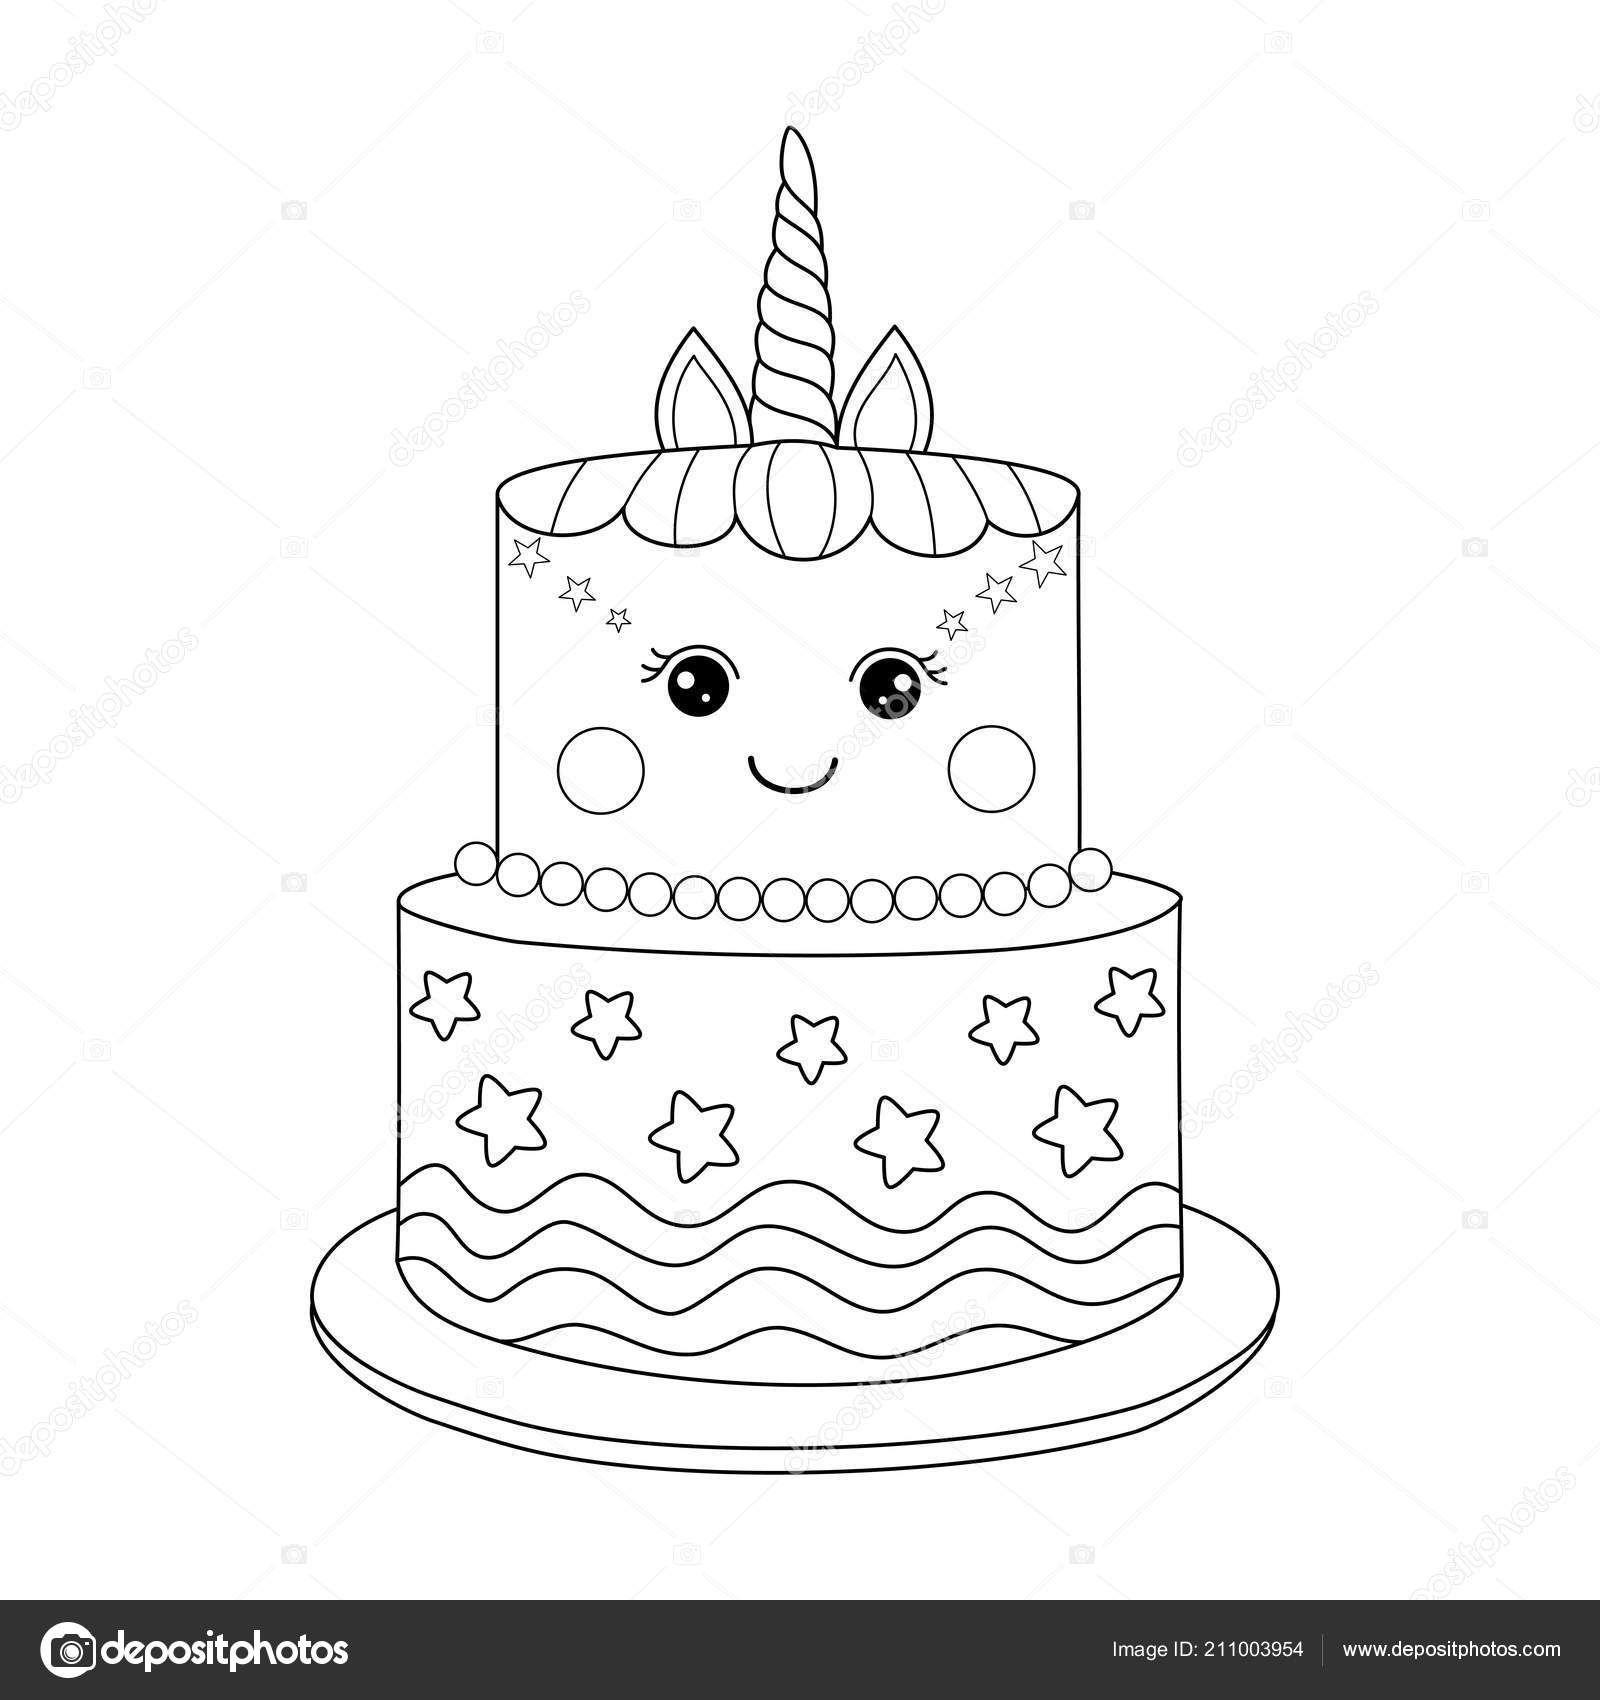 Unicorn Taart Kleurplaat Boek Voor Volwassen Vectorillustratie Handdrawn Doodle Stijl In 2021 Kleurplaten Kleurboek Eenhoorn Cake